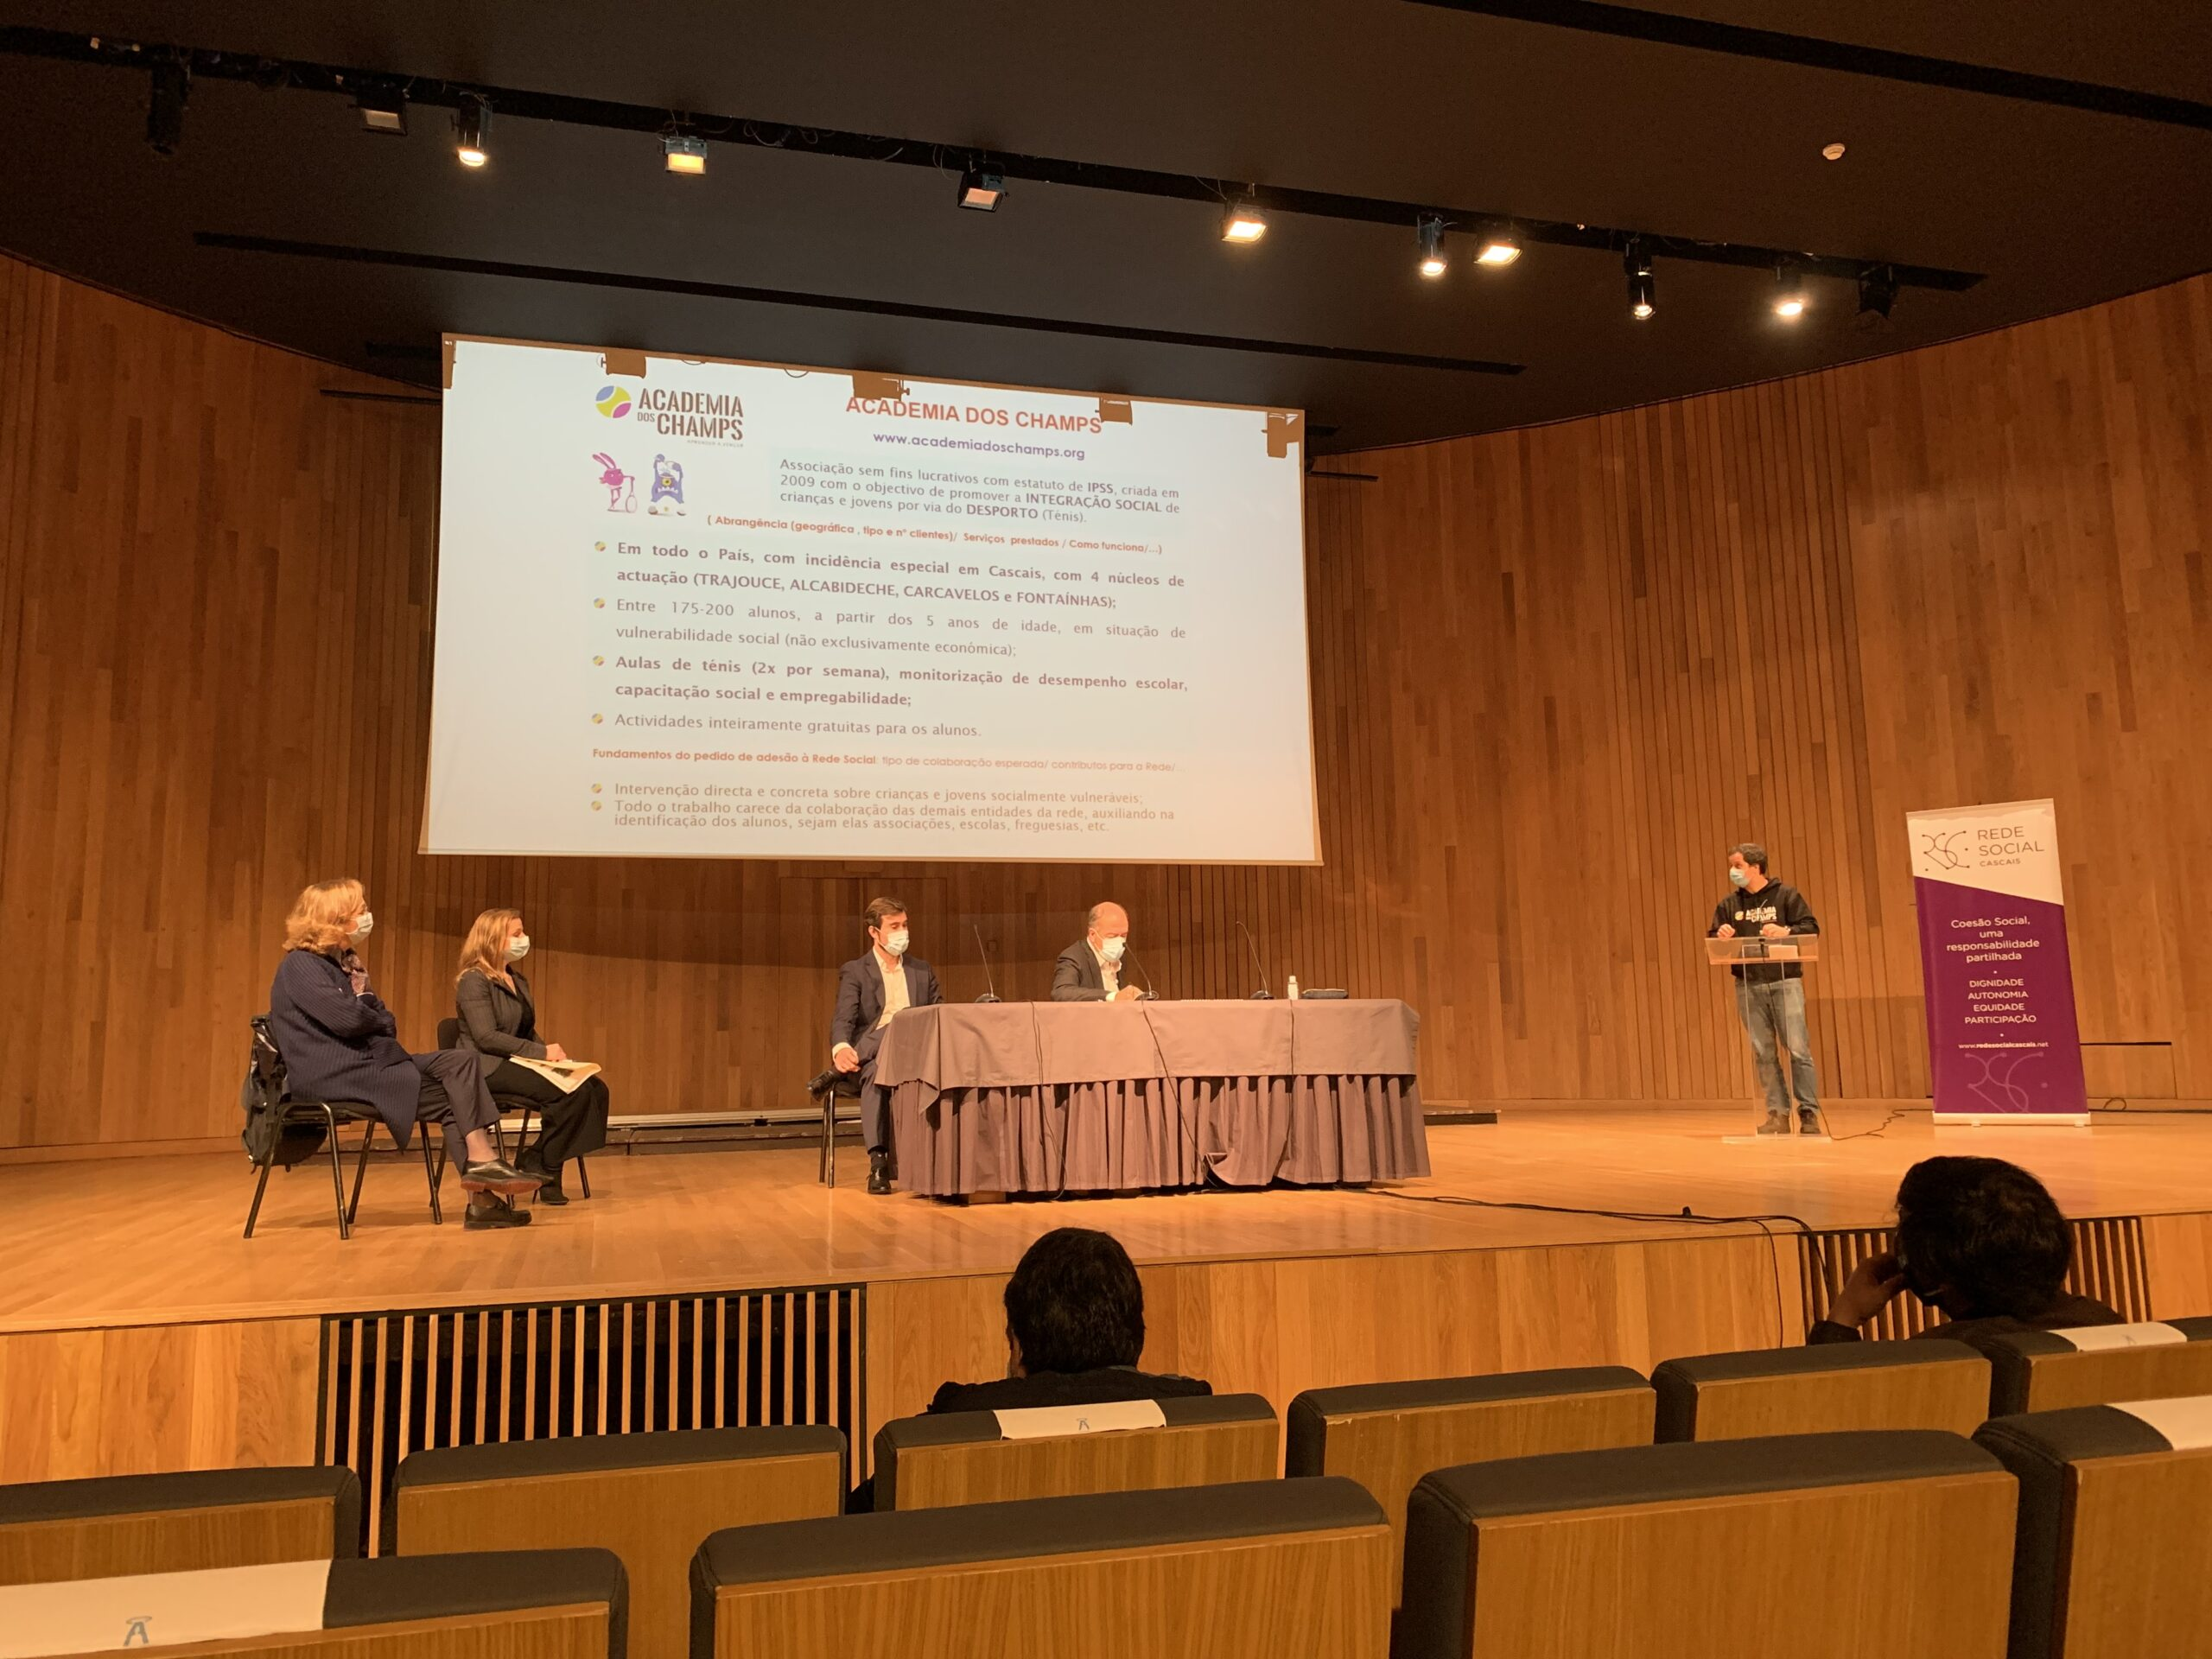 Membro da Academia dos Champs apresenta a organização recém aderente à Rede Social Cascais